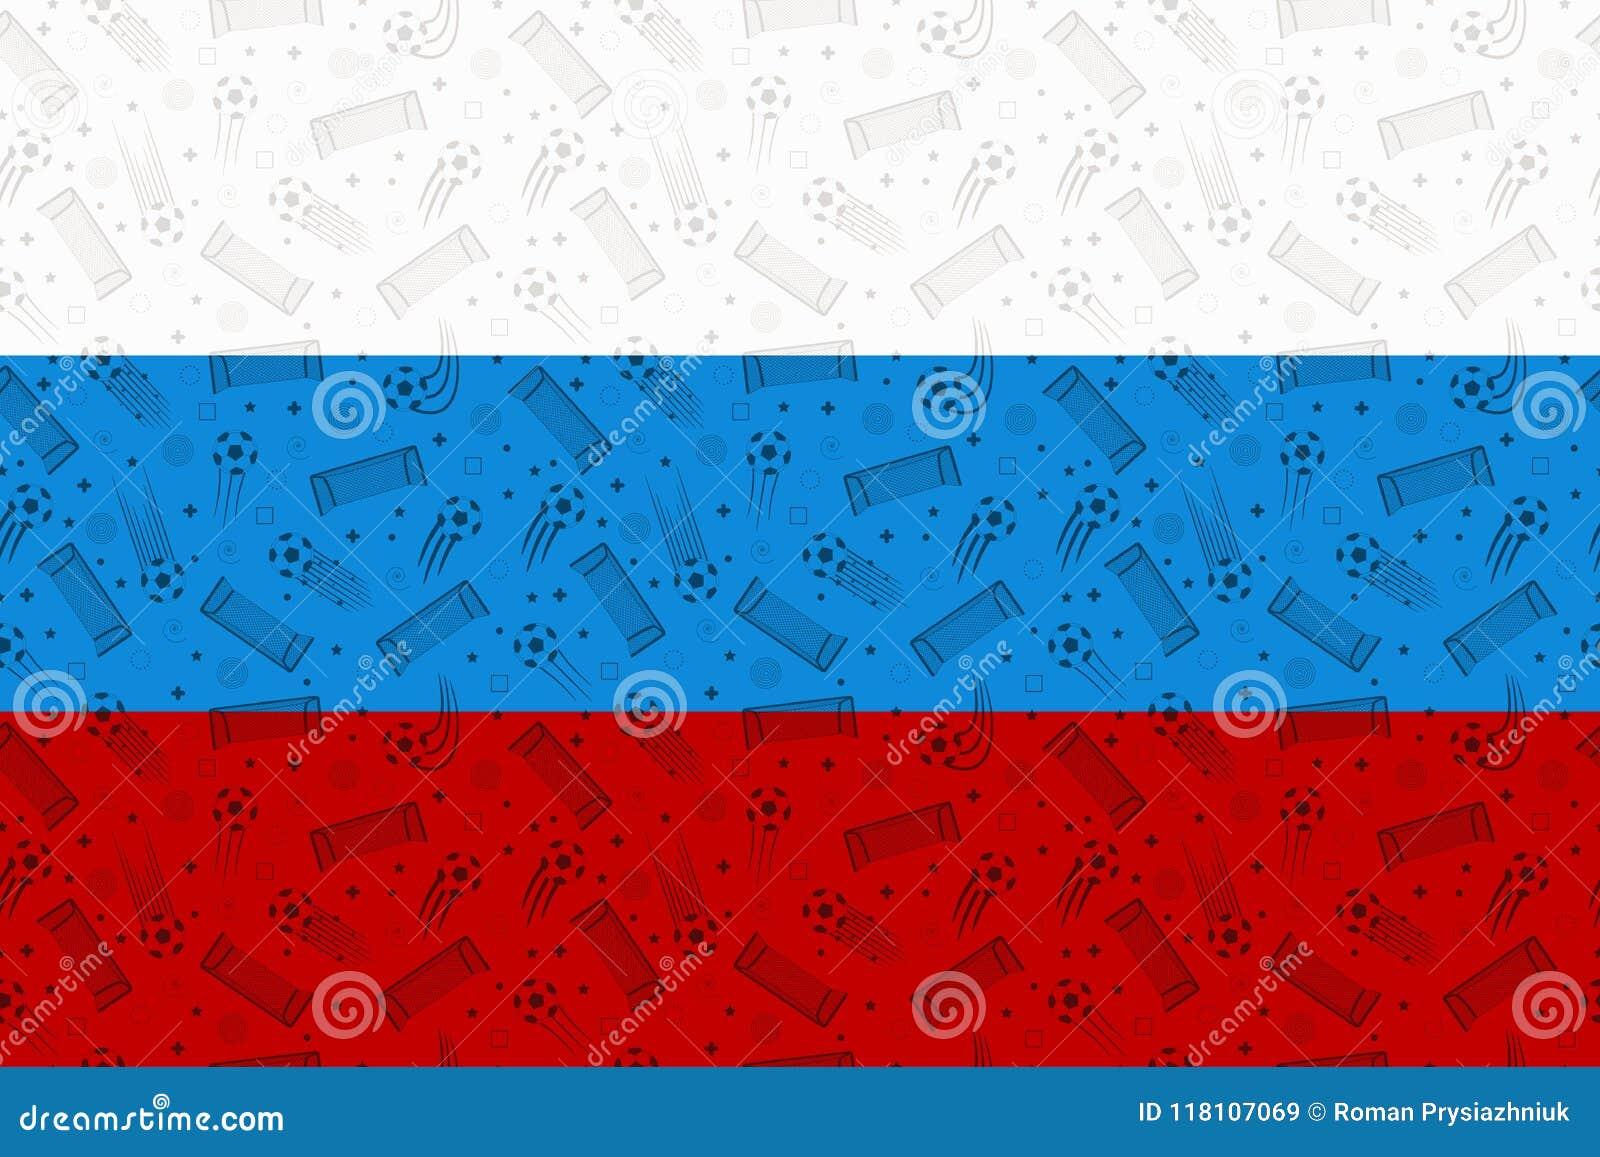 Bandera De Rusia Adornada Con Símbolos Del Fútbol El País Ruso ...